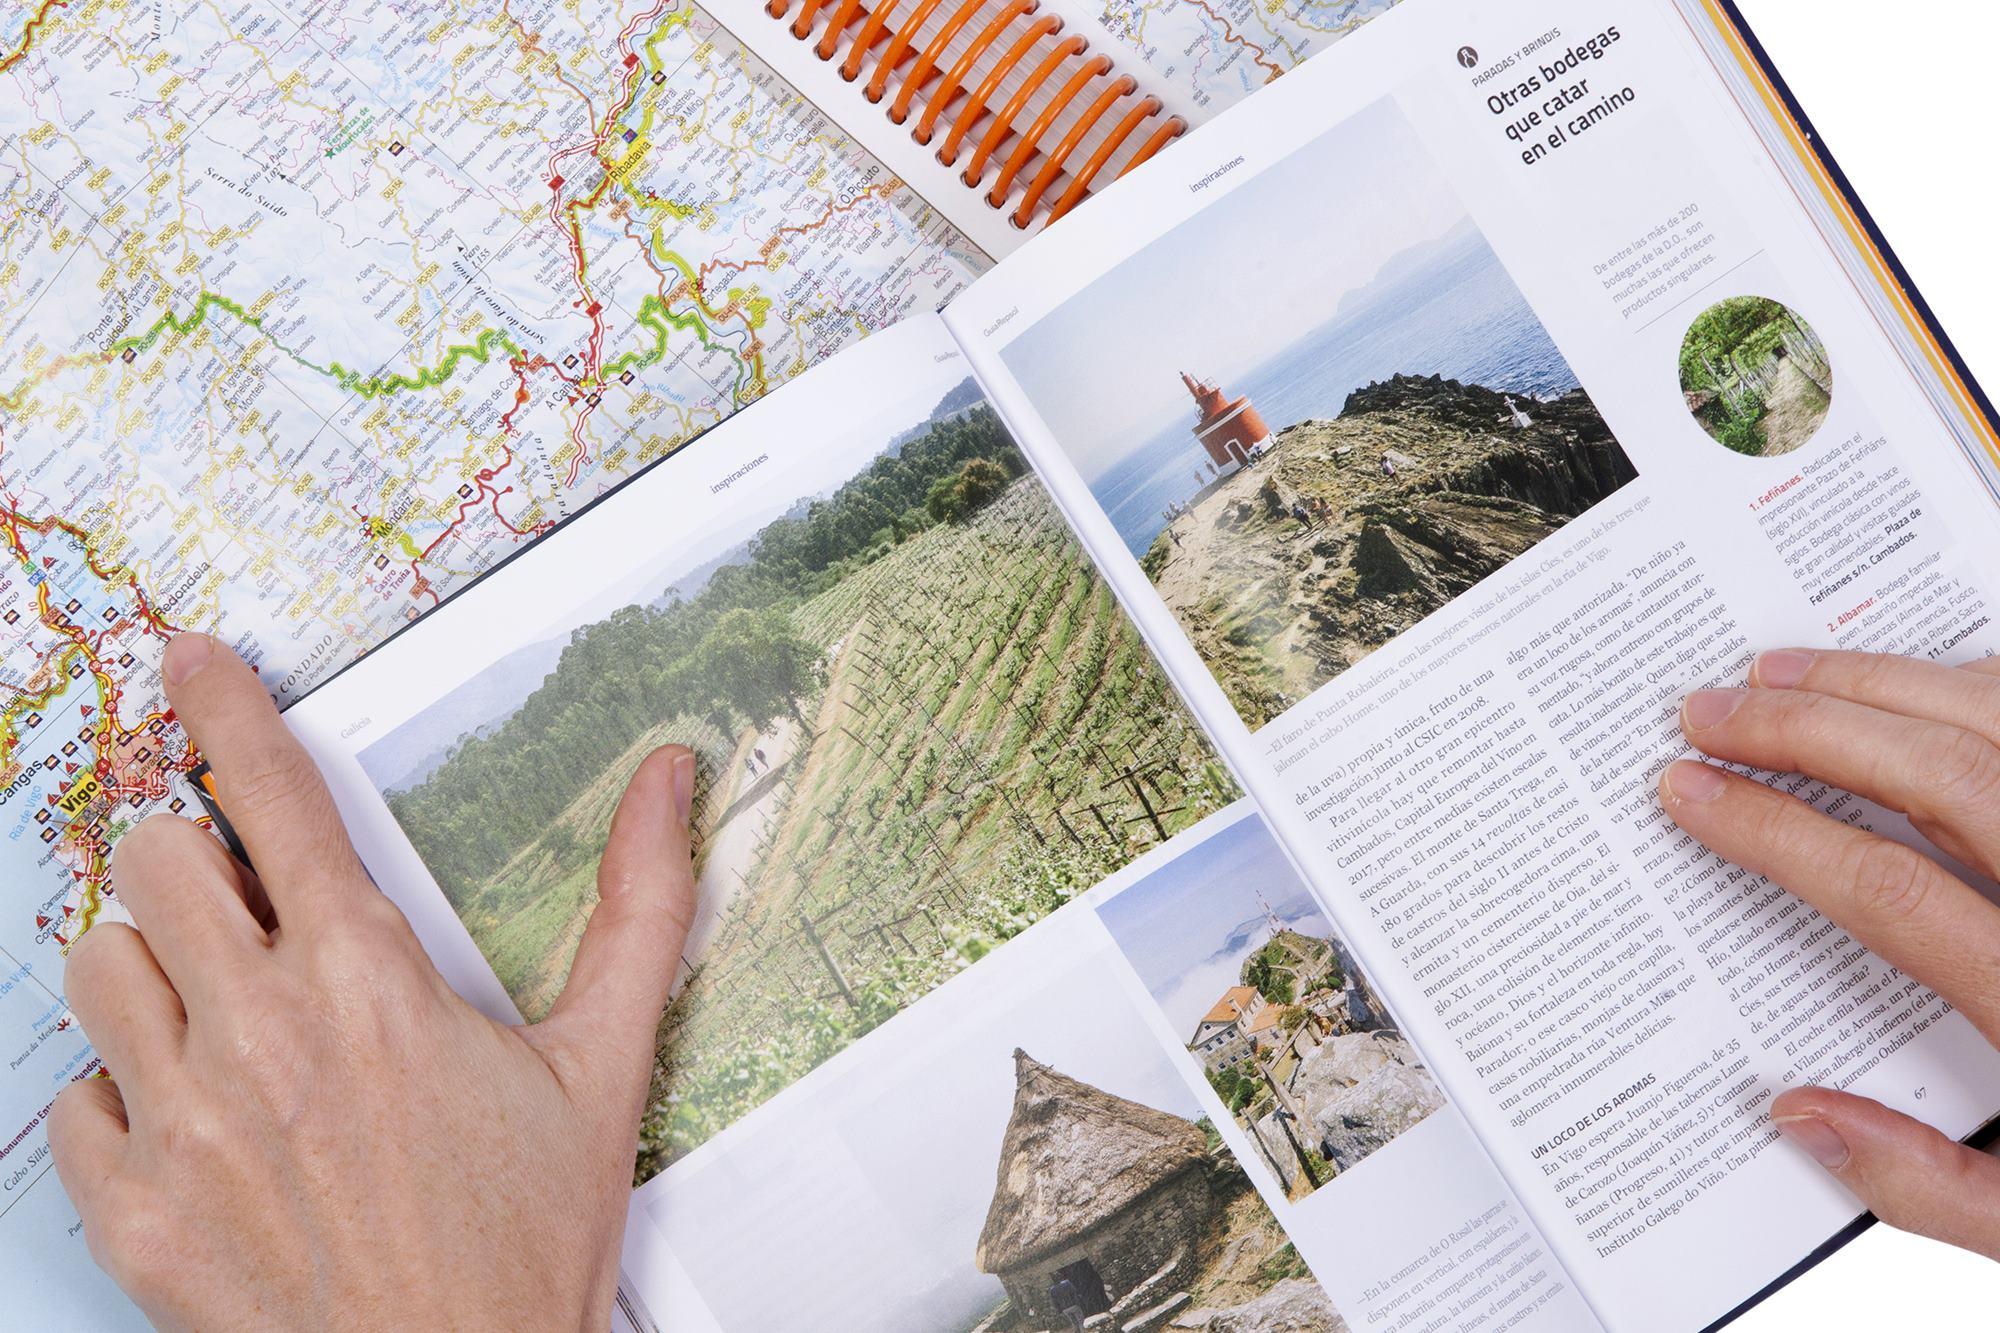 Guías de carreteras, un placer para los amantes del papel. Foto: Guía Repsol.